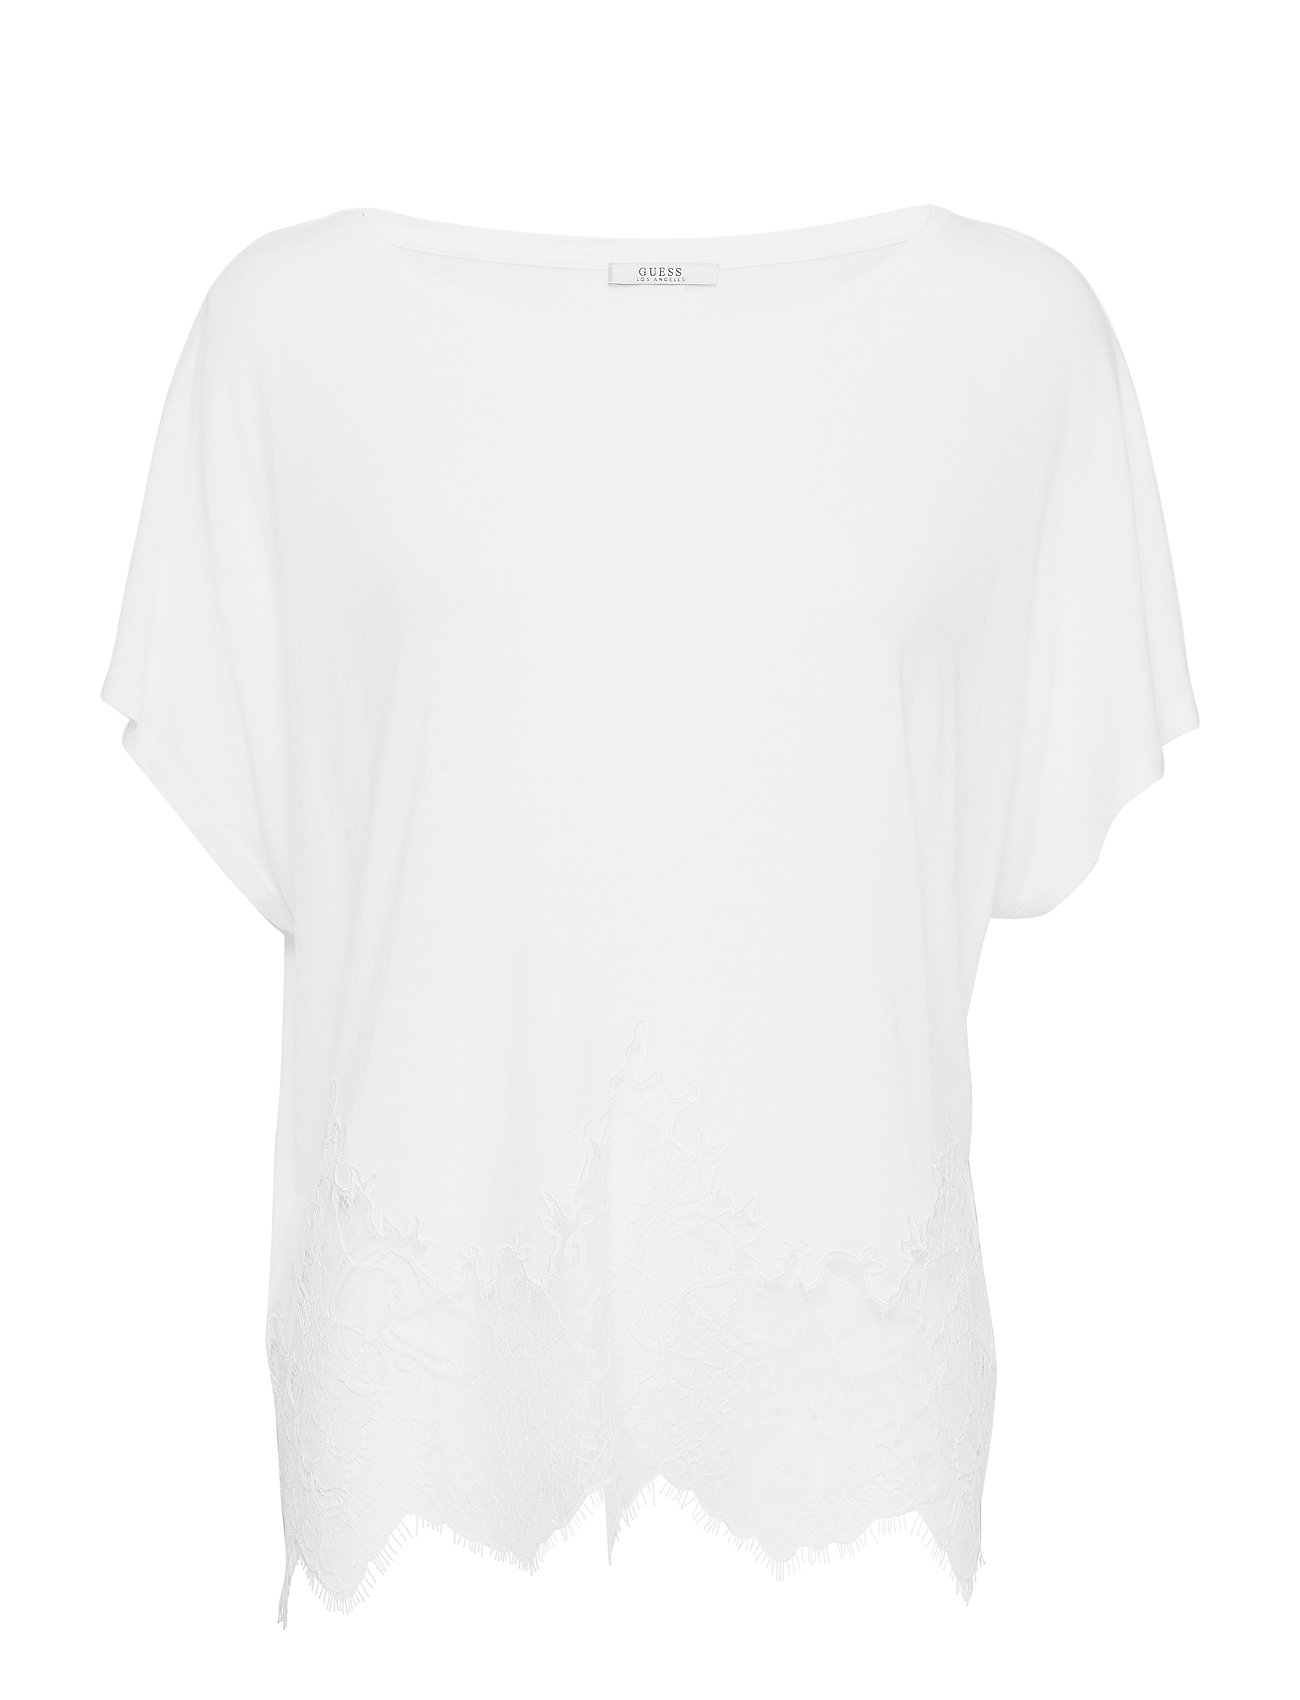 GUESS Jeans NARA TOP - TRUE WHITE A000